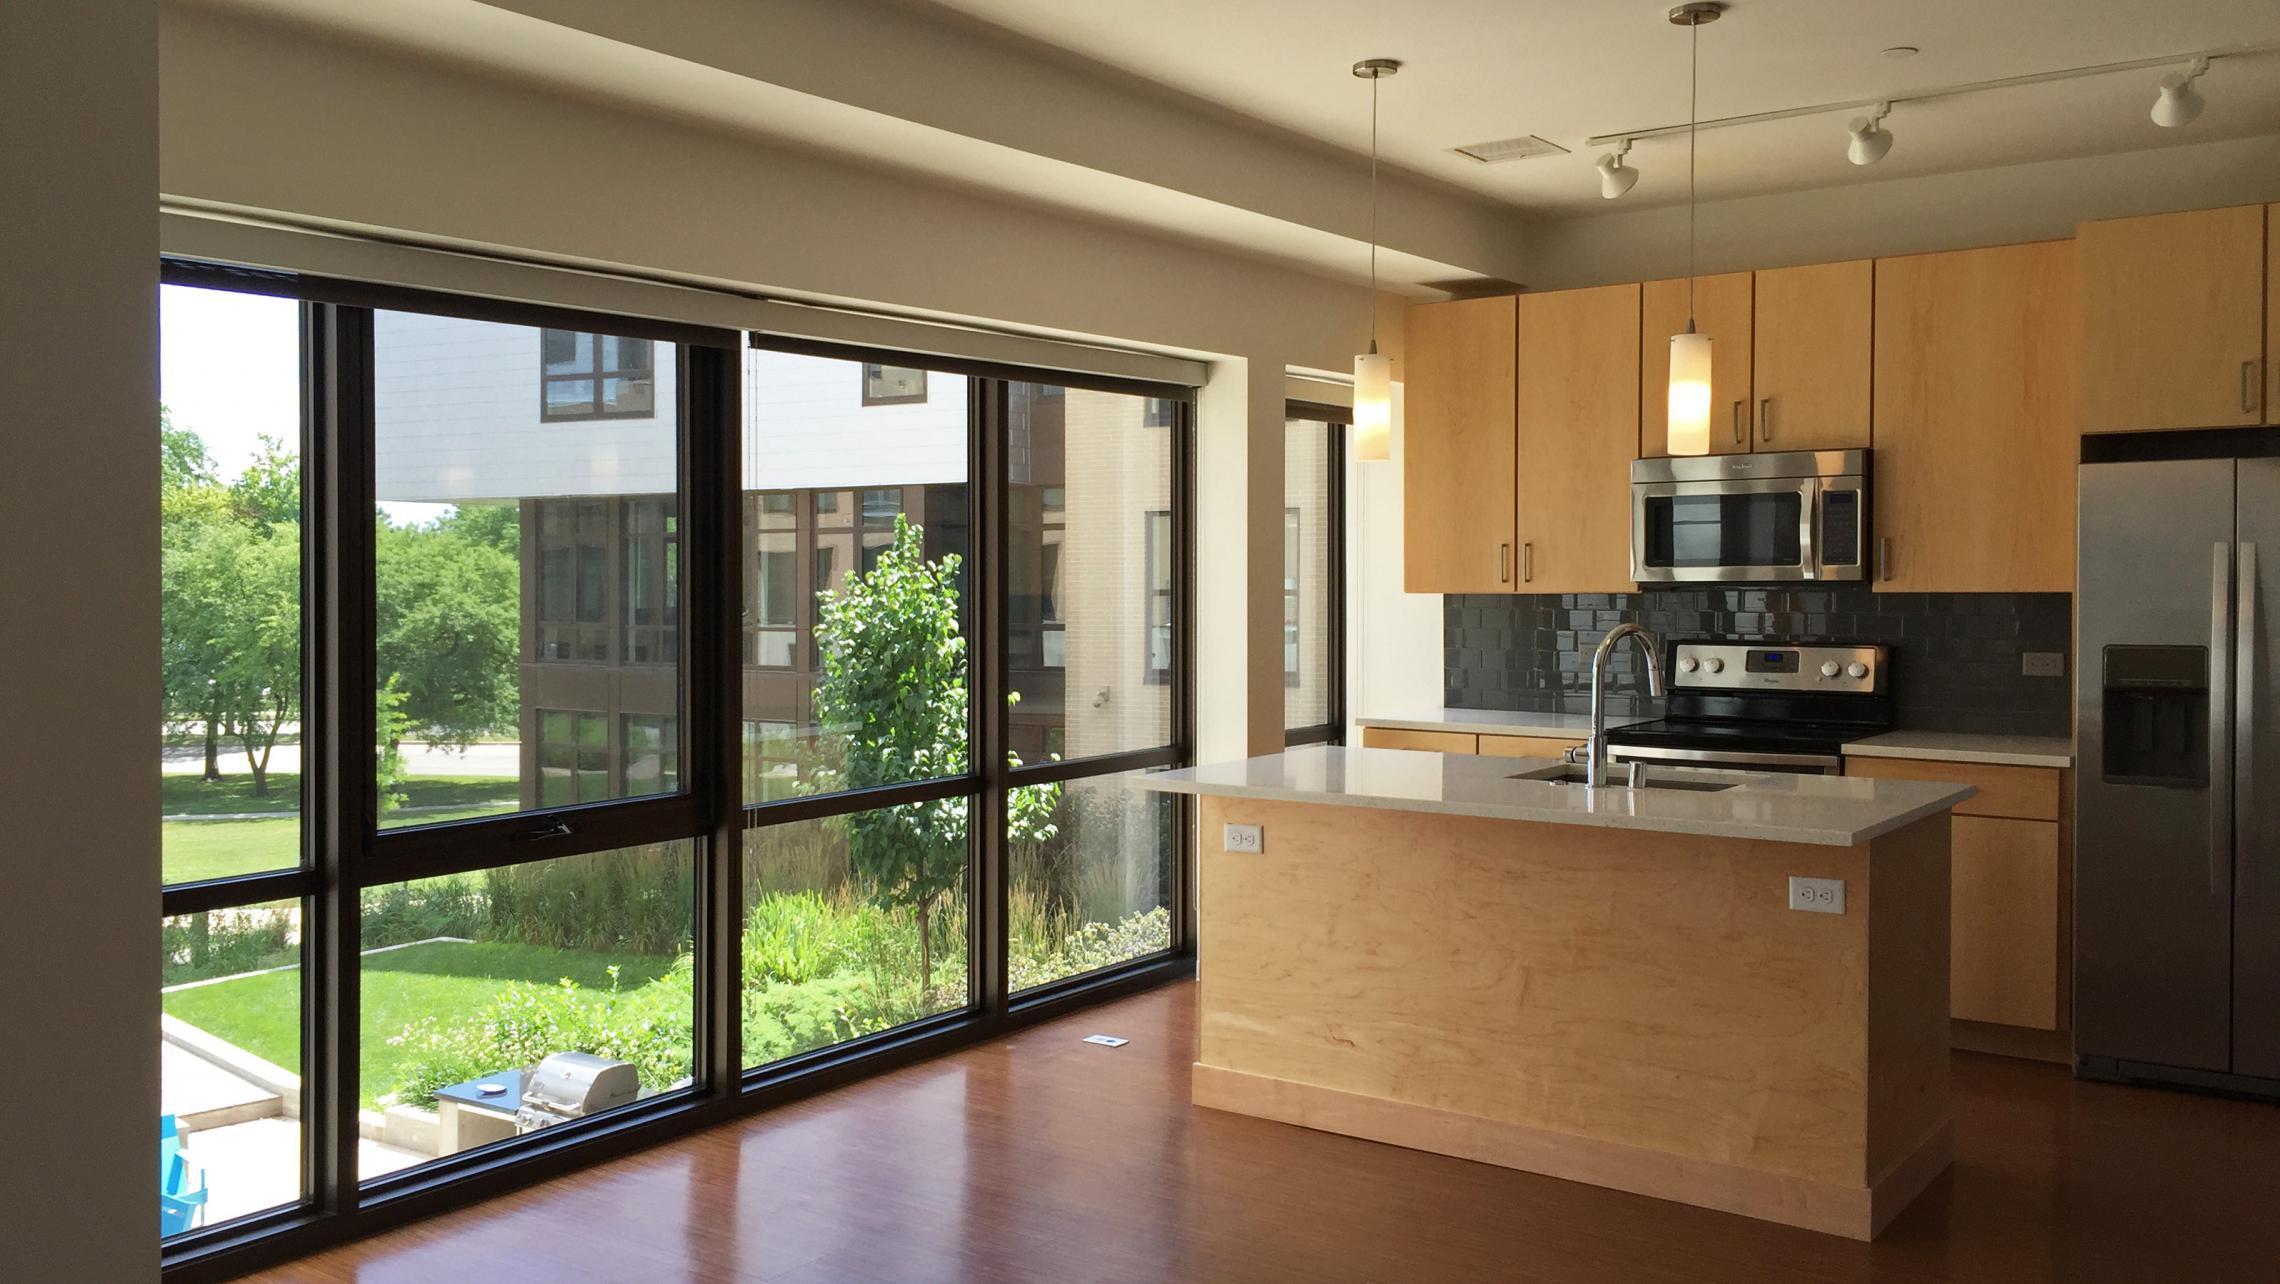 ULI Seven27 Apartment 217 - Kitchen Windows